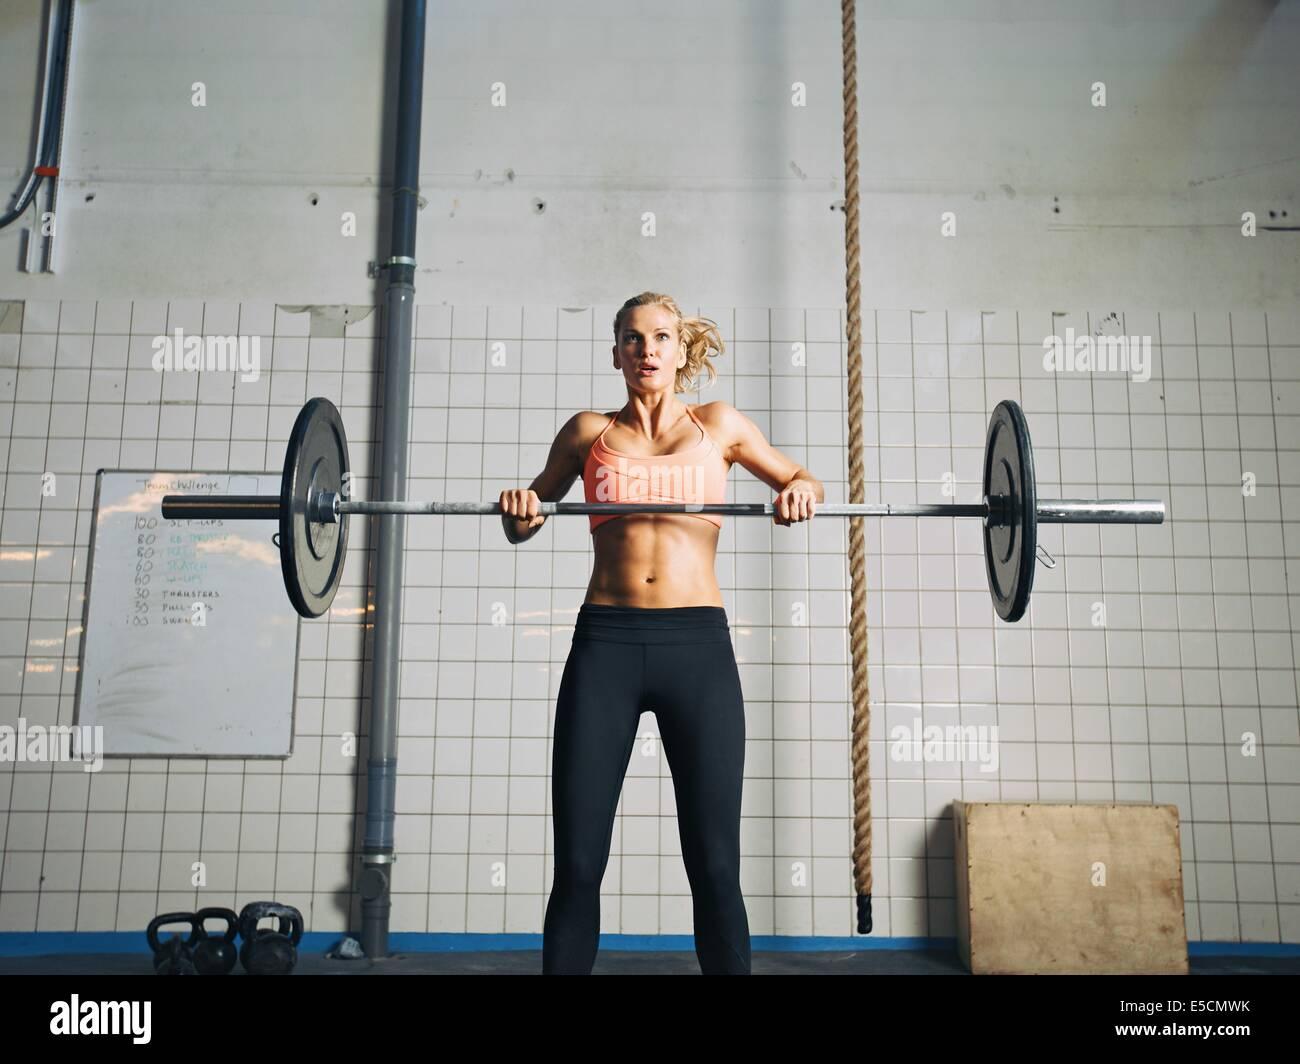 Joven Mujer fuerte cruz prácticas encajan en un gimnasio. Colocar mujeres sosteniendo un barbell con pesos Imagen De Stock